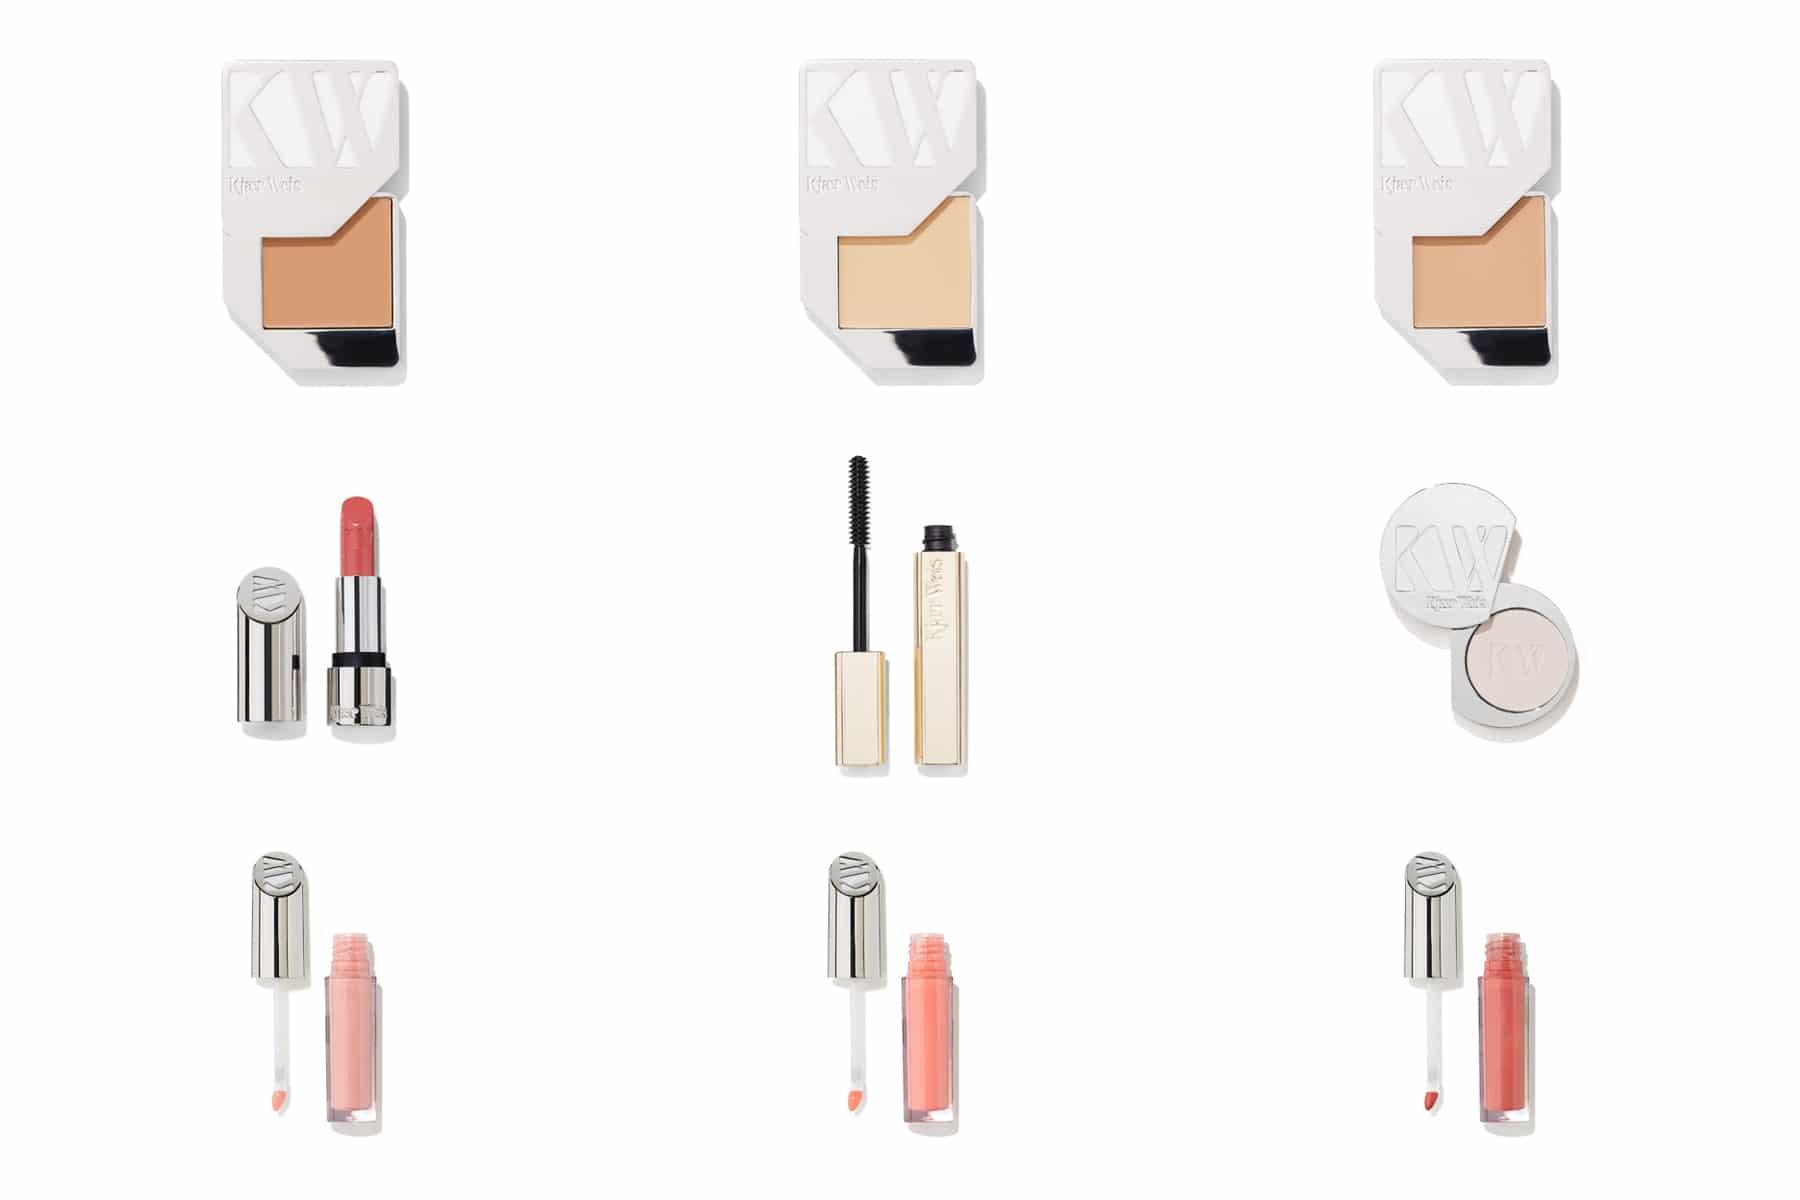 Packshot produits de beauté, maquillage - Masacara, Lip Gloss, rouge à lèvres, ombre à paupières et enlumineur Kjear Weis pour Oh My Cream